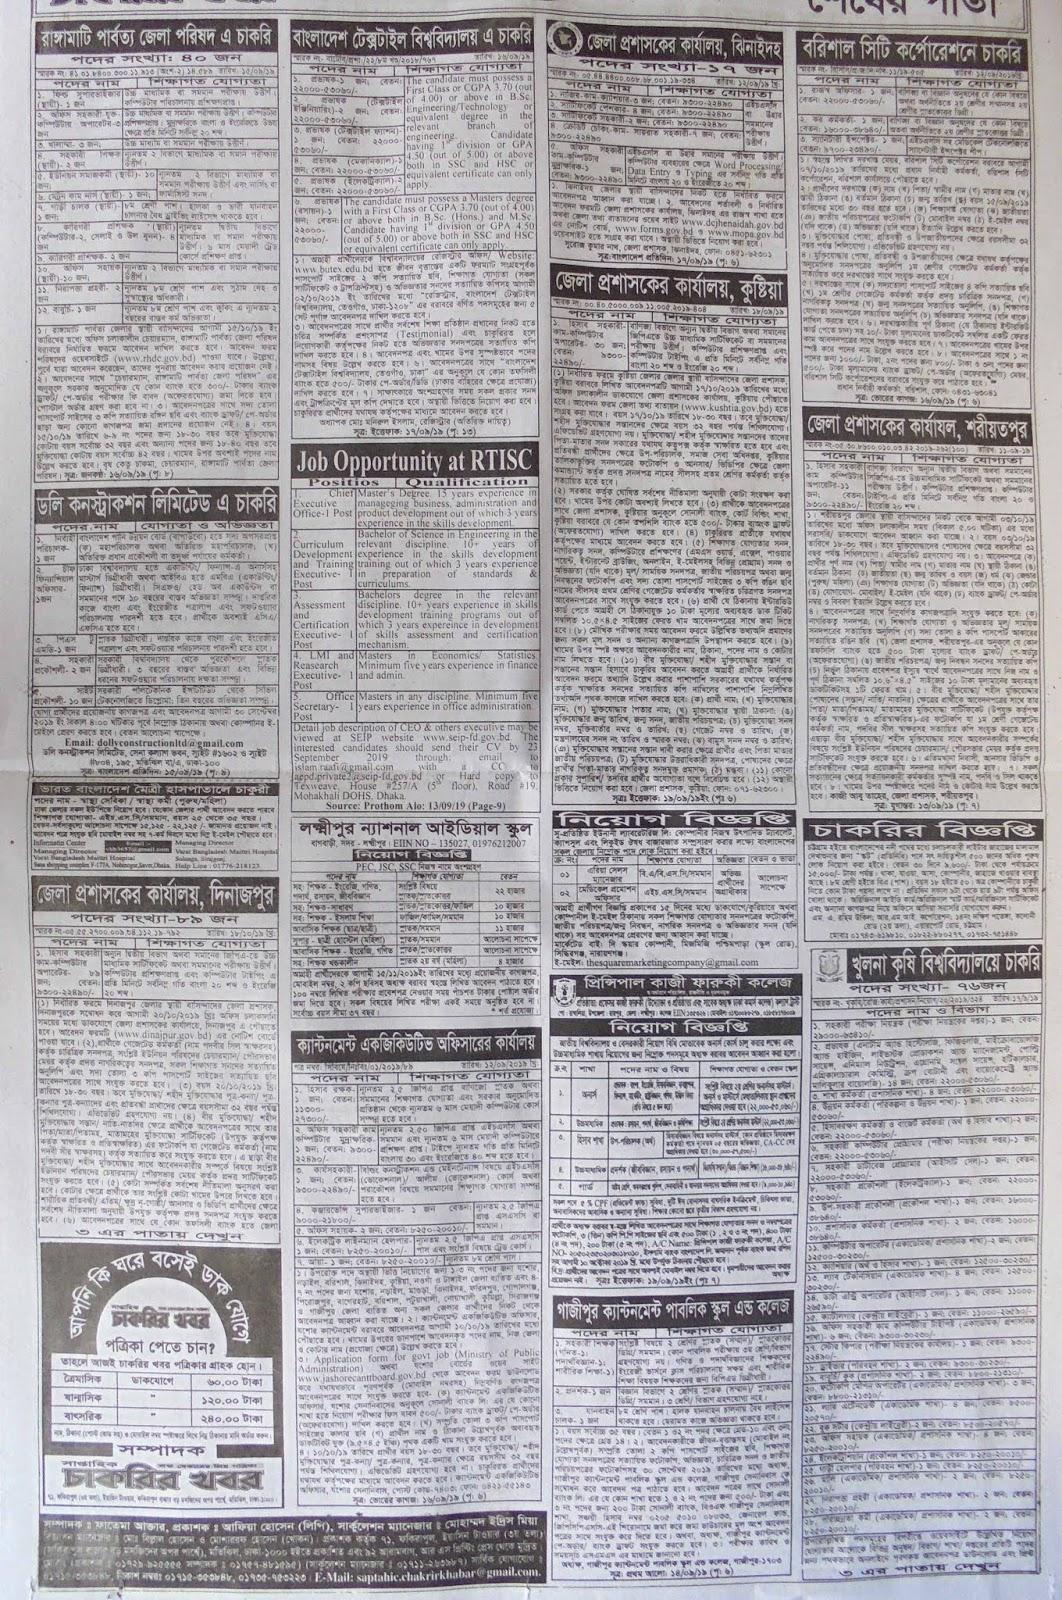 ajker chakrir khobor, ajker chakrir potrika, all job news, all jobs bd newspaper, bangladesh job news, bank job news, bd govt chakrir khobor, bd govt job circular, bd govt jobs, bd job